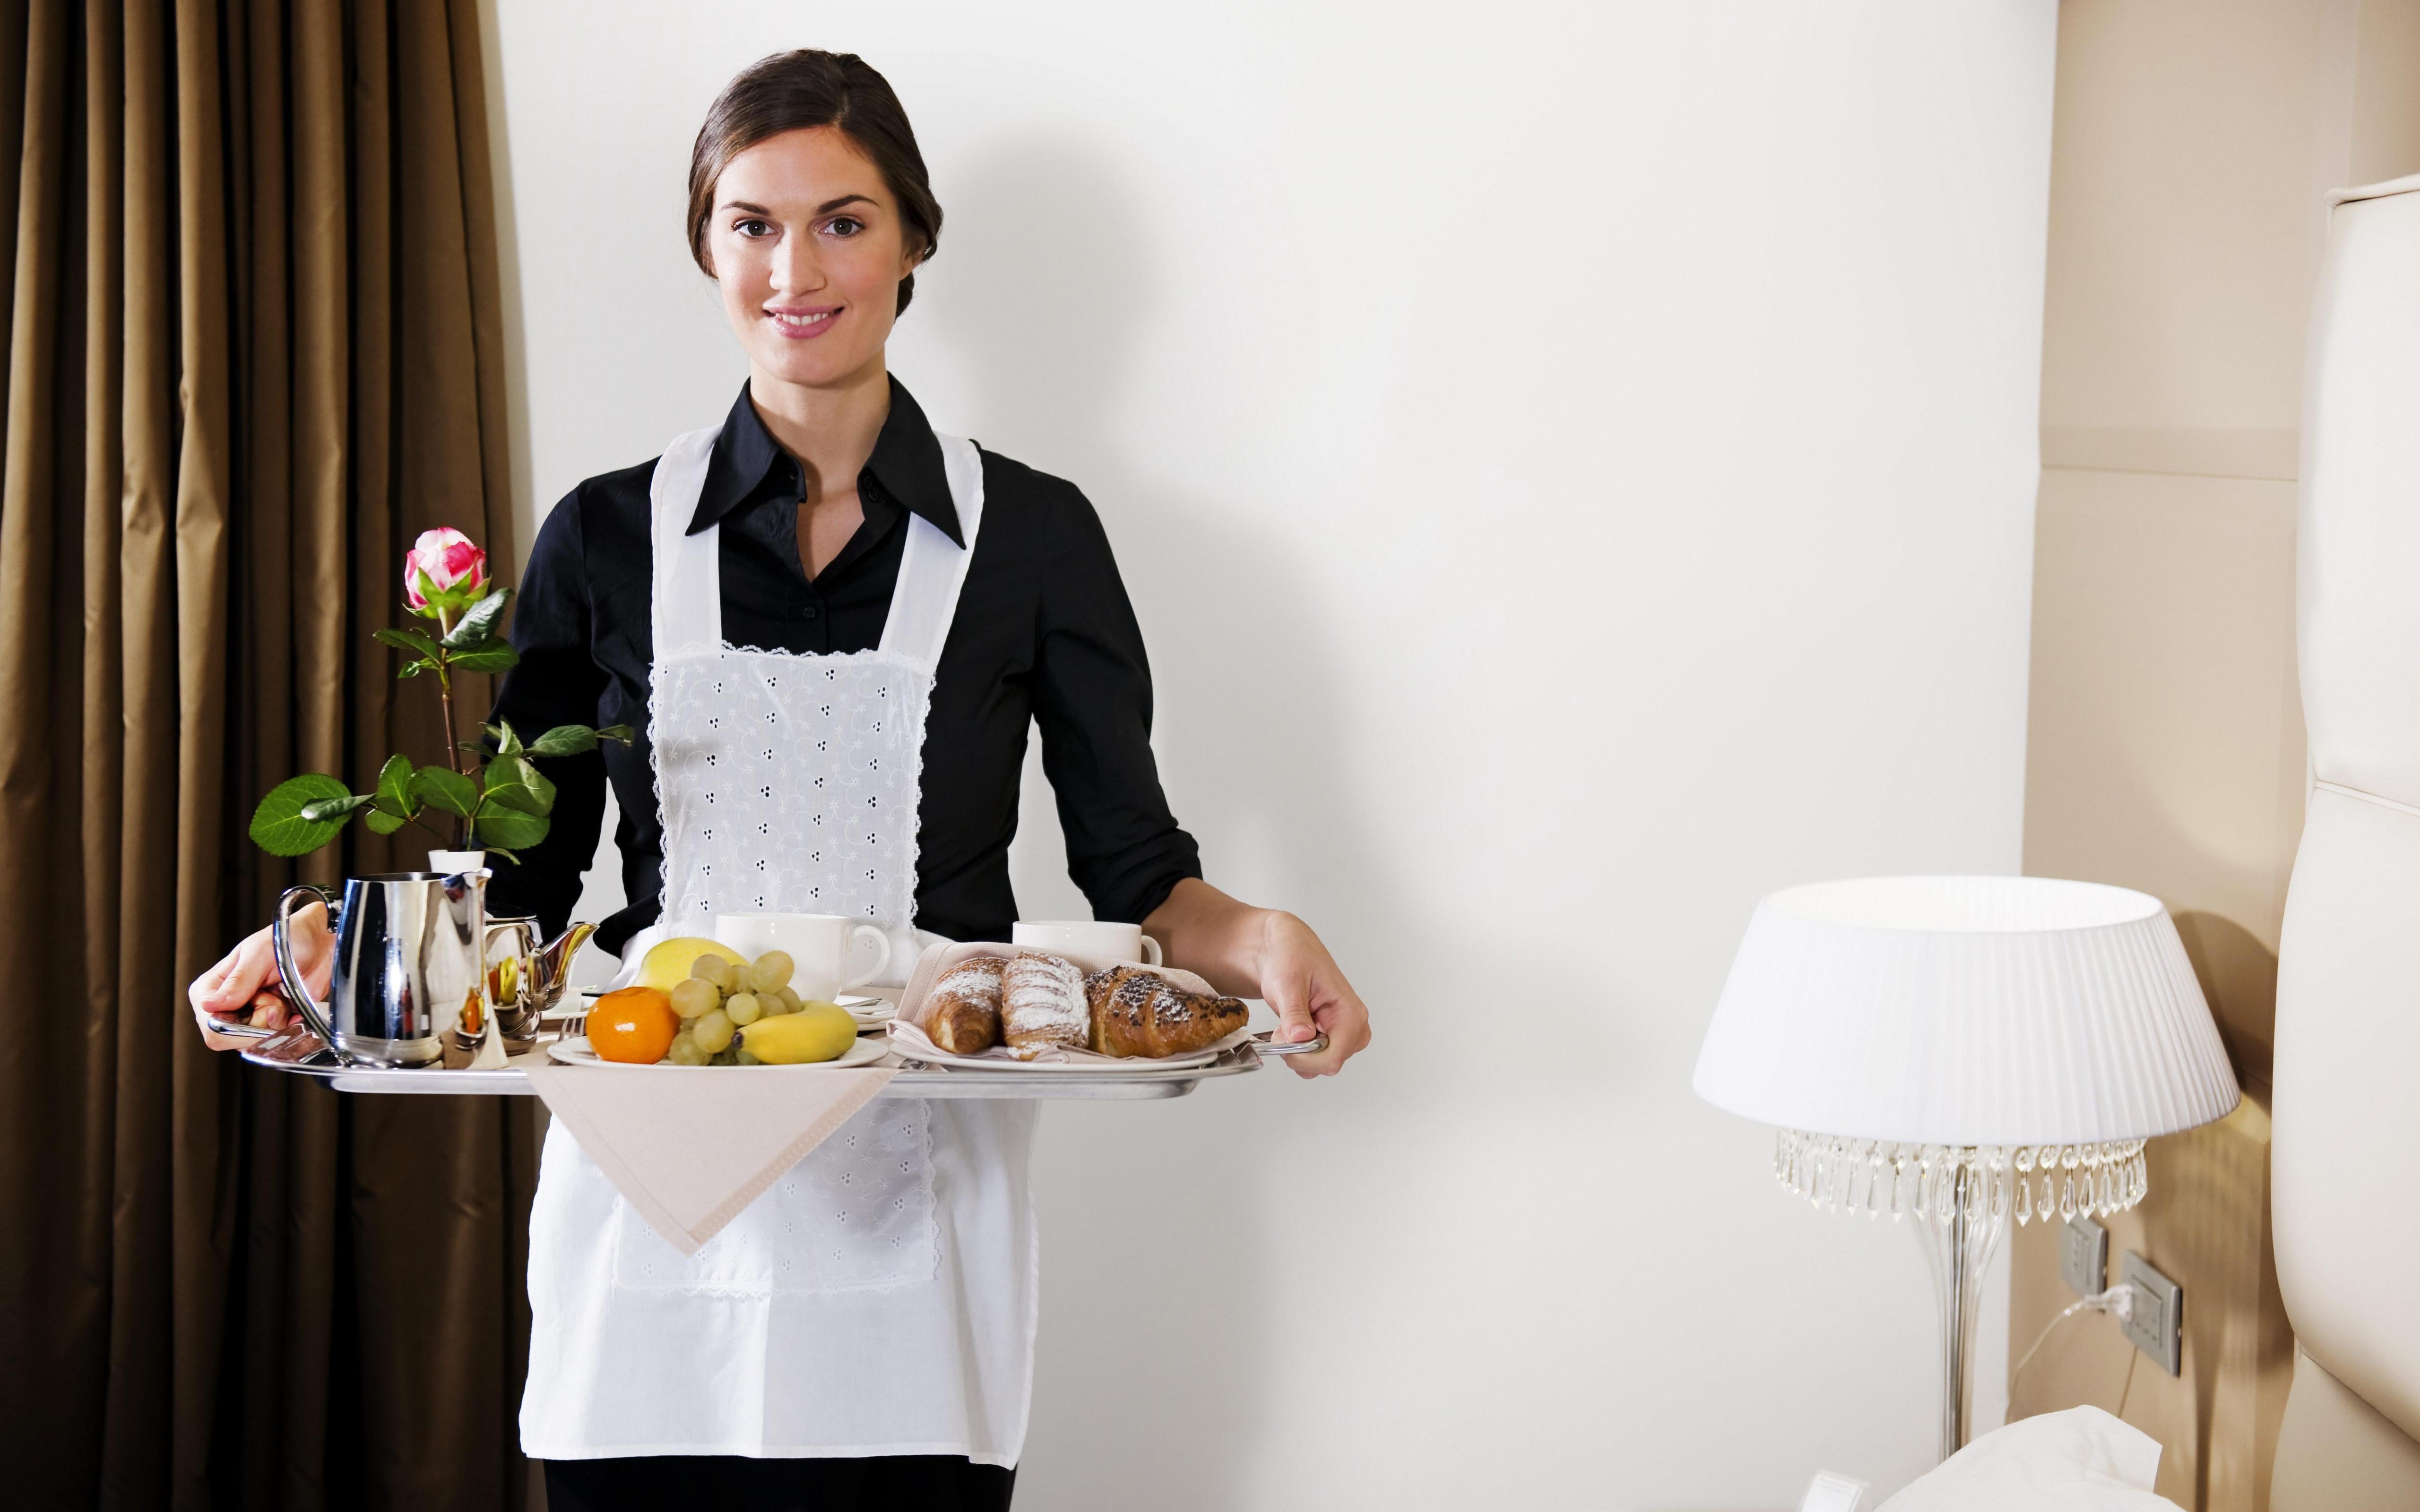 5120x3200_waitress-tray-food